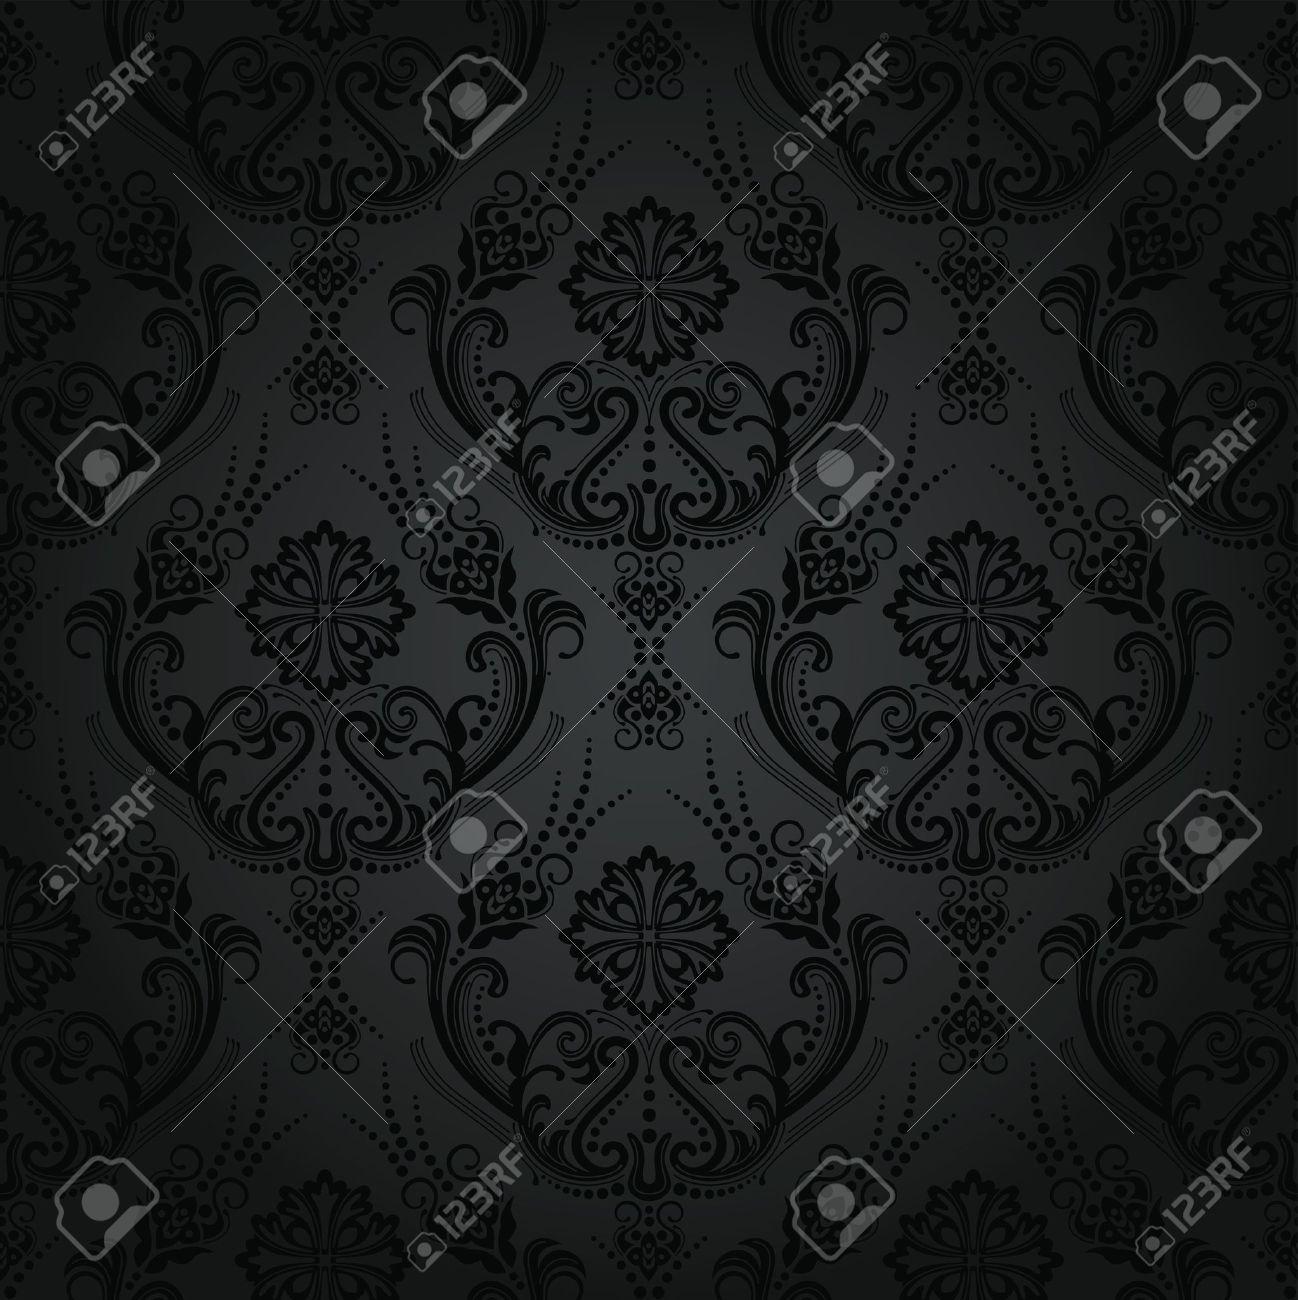 Dikisiz lks siyah iek am duvar kad deseni royalty free dikisiz lks siyah iek am duvar kad deseni stok fotoraf 16991416 voltagebd Choice Image